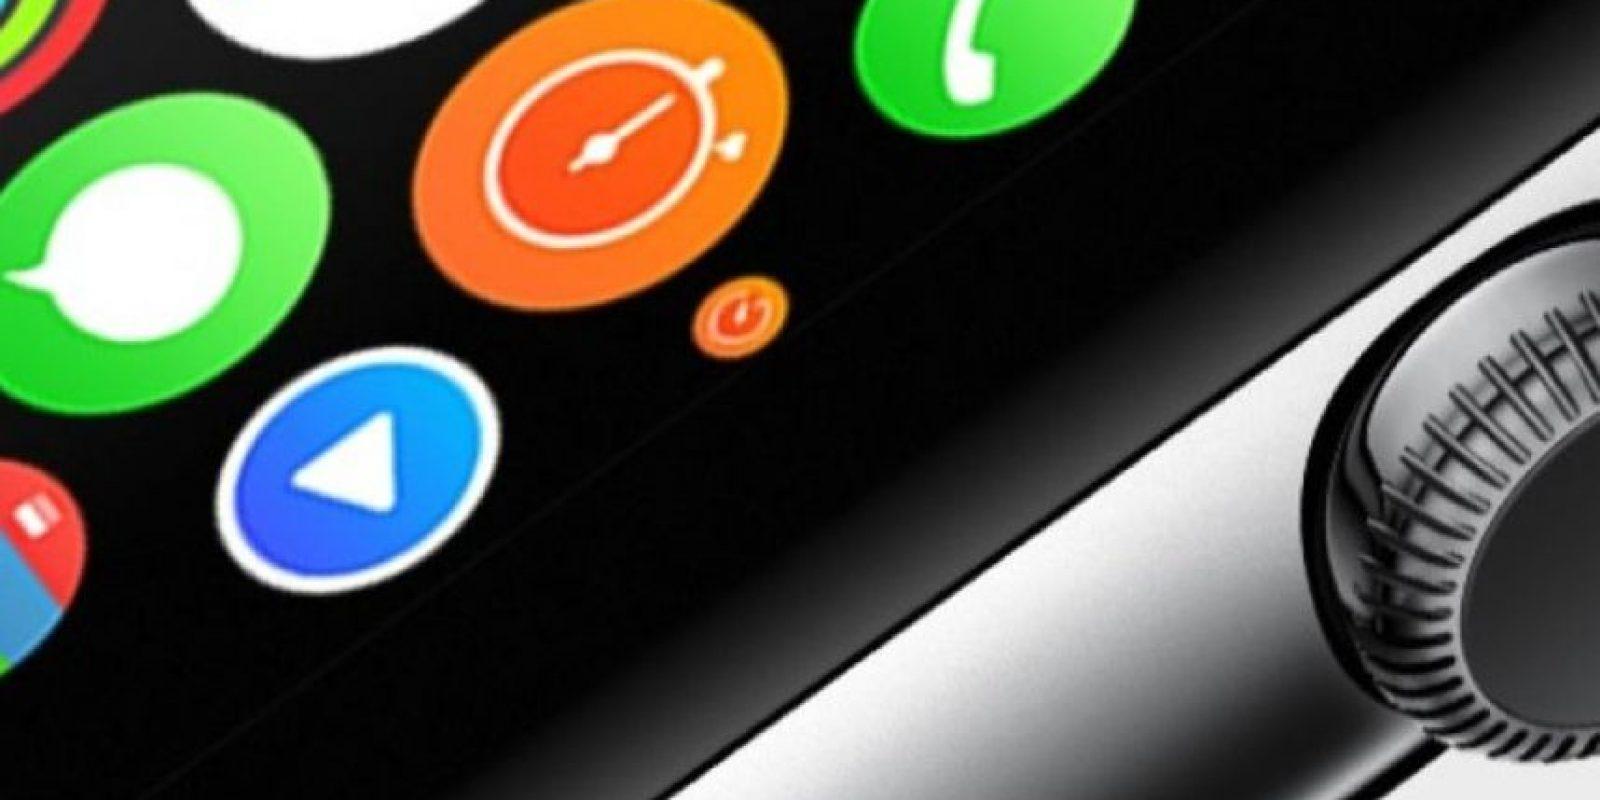 Precio: A partir de 349 dólares dependiendo del modelo, tamaño y materiales. Foto:Apple